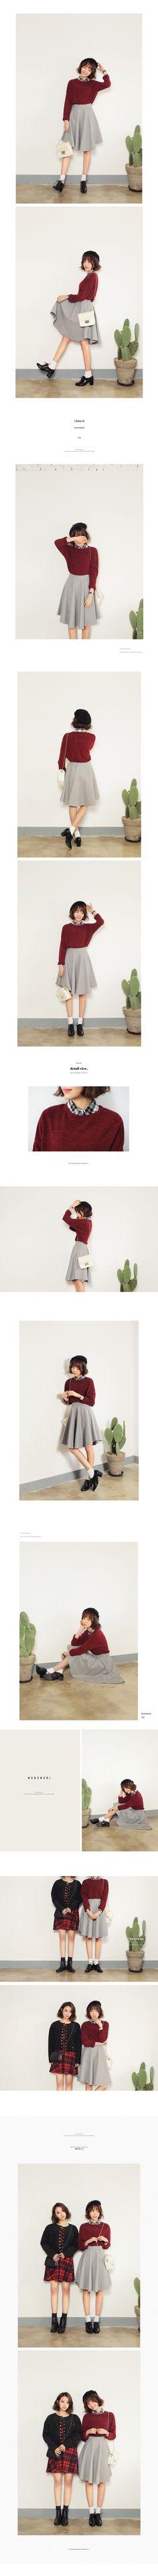 *MONOMORI-モノモリ-/AW*ダークカラーミディフレアスカート・全3色スカートスカート|レディースファッション通販 DHOLICディーホリック [ファストファッション 水着 ワンピース]